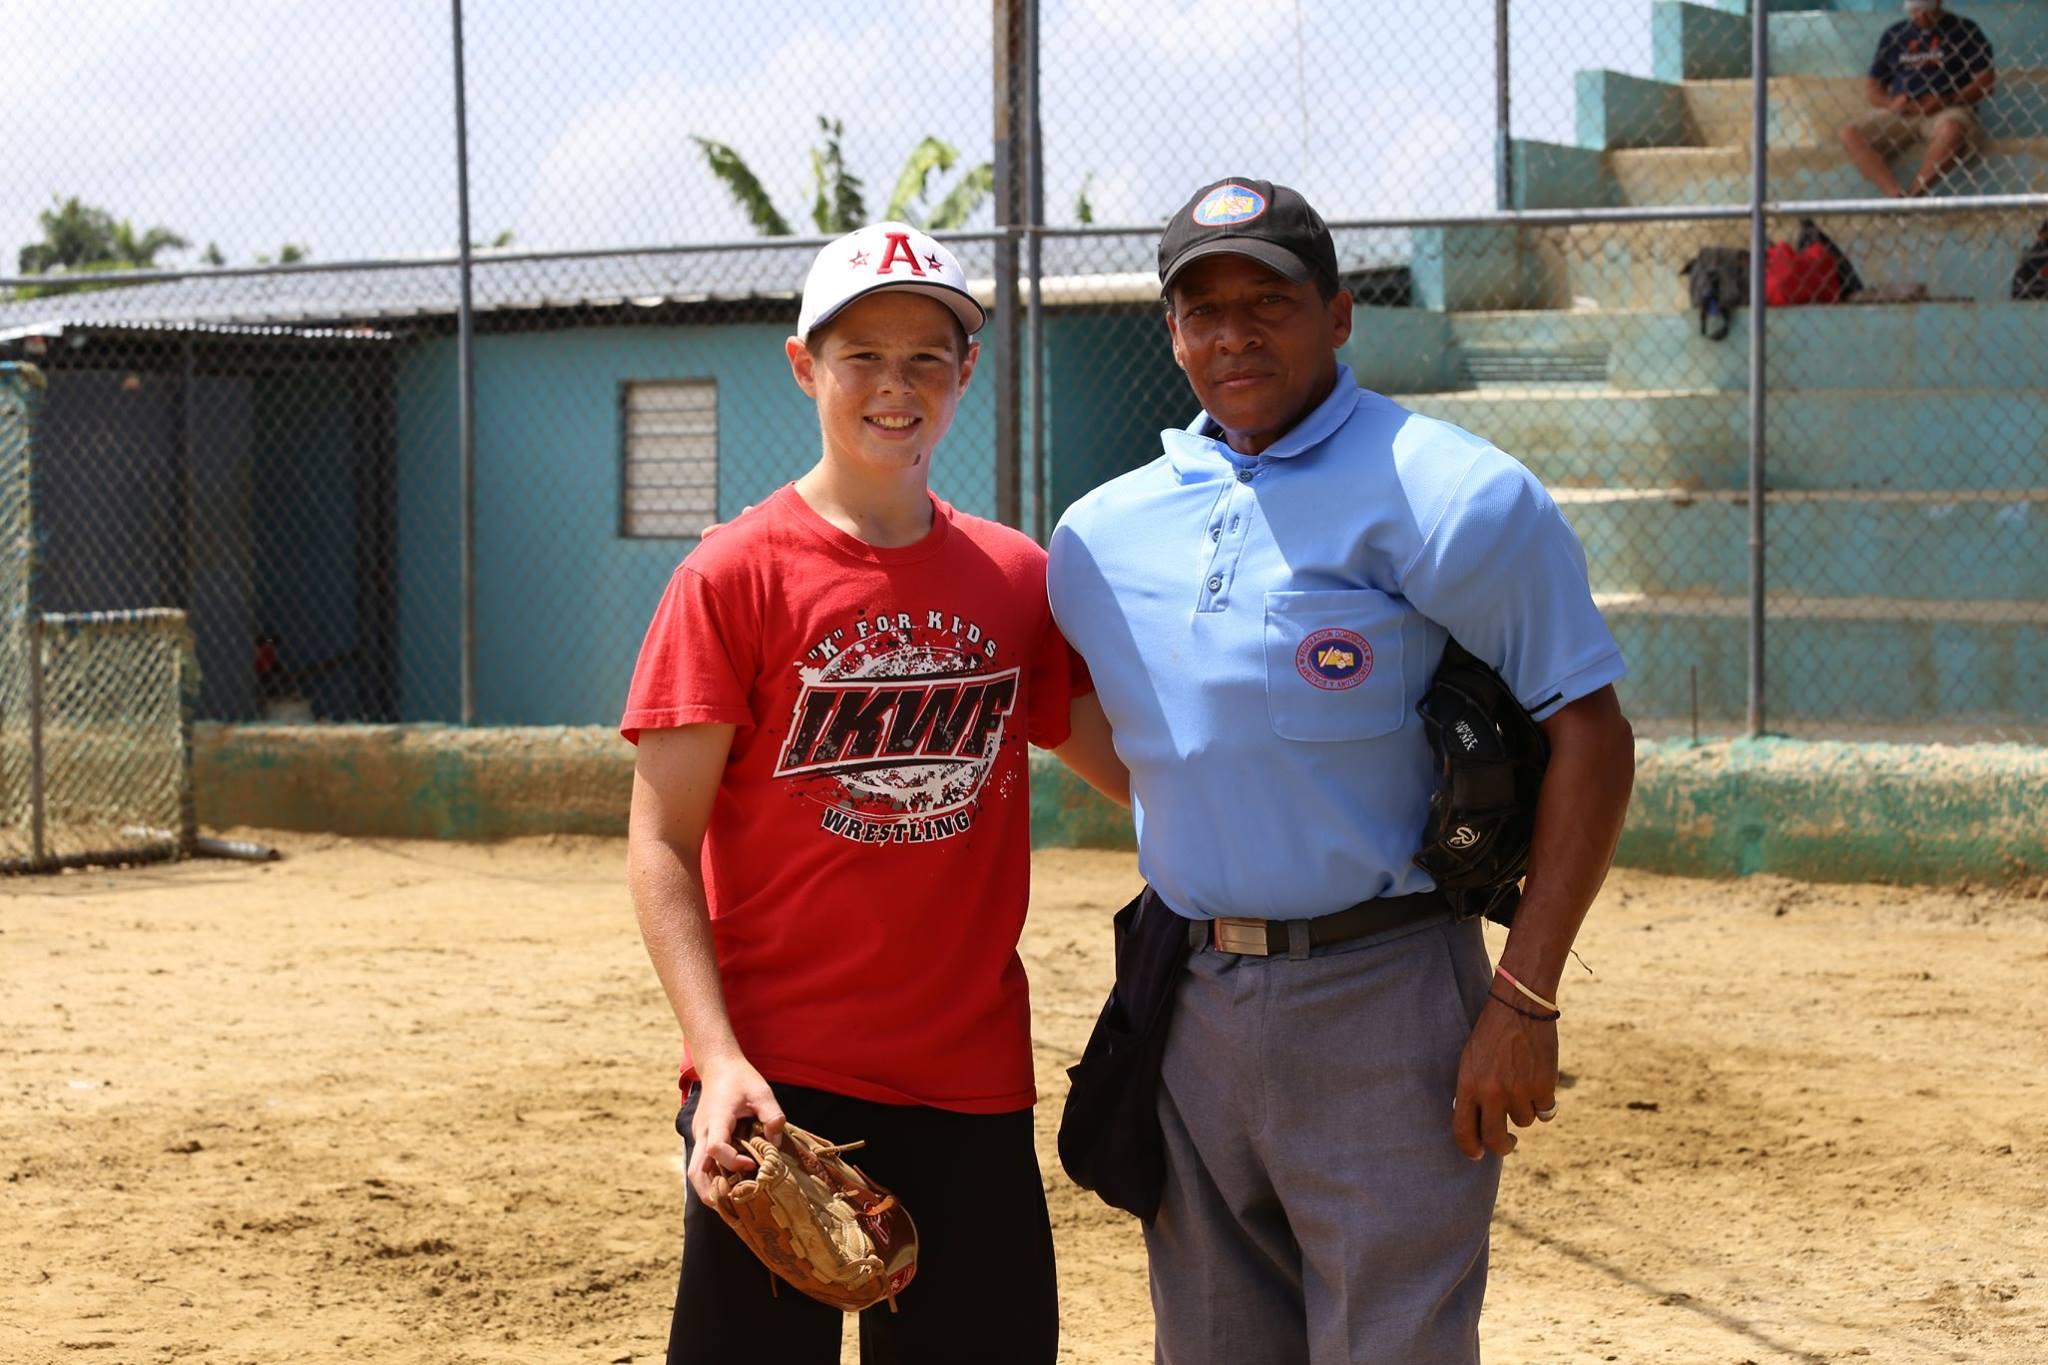 EDUARDO+FERREIRA+-+Baseball+Games.jpg